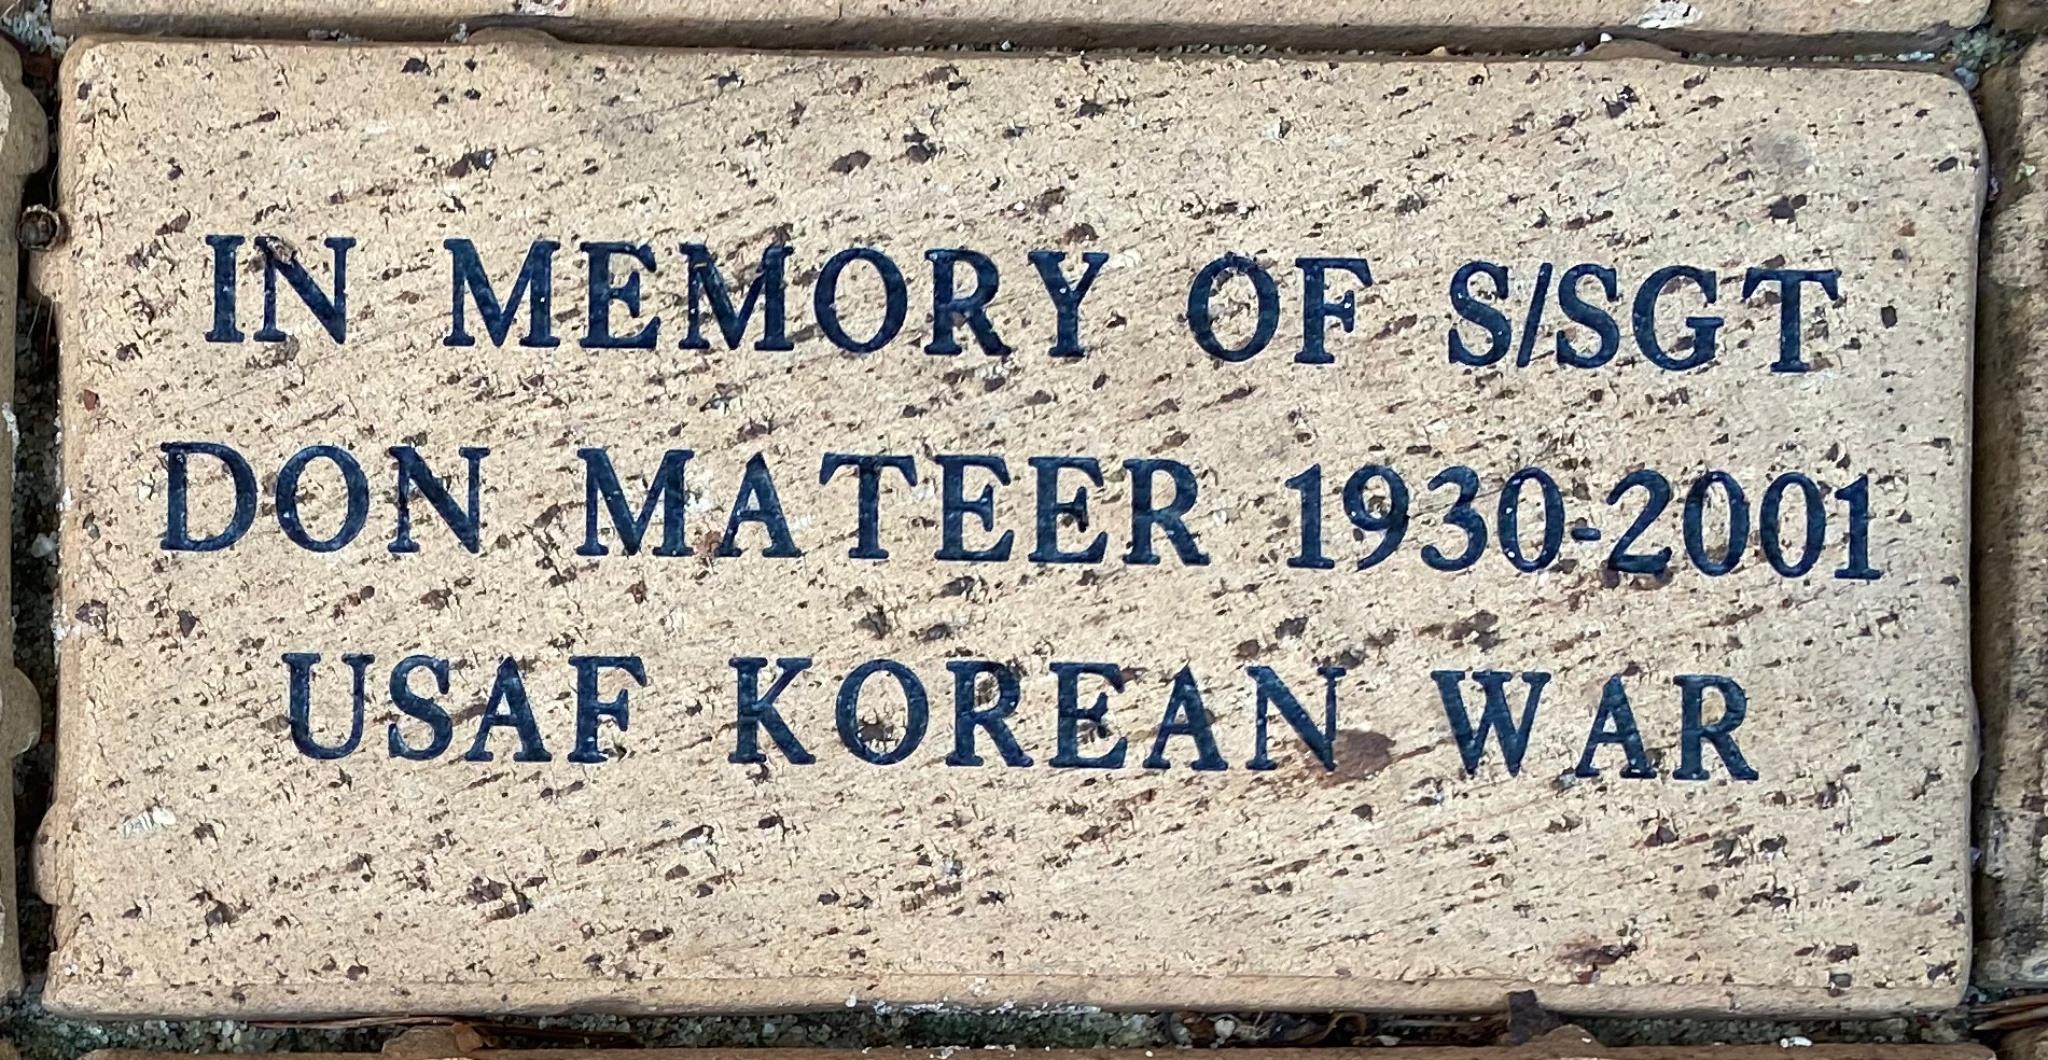 IN MEMORY OF S/SGT DON MATEER 1930-2001 USAF KOREAN WAR